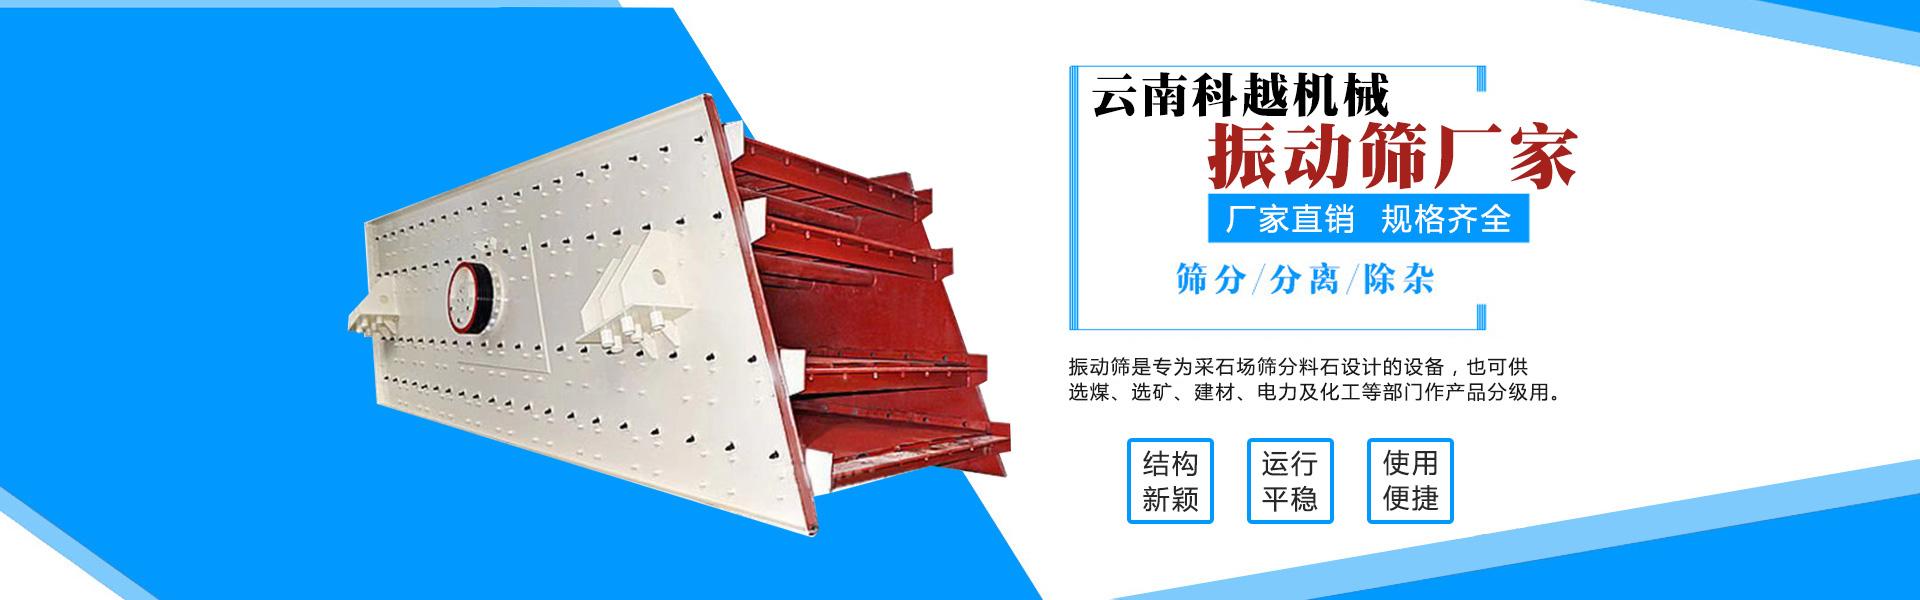 云南振动筛设备厂家